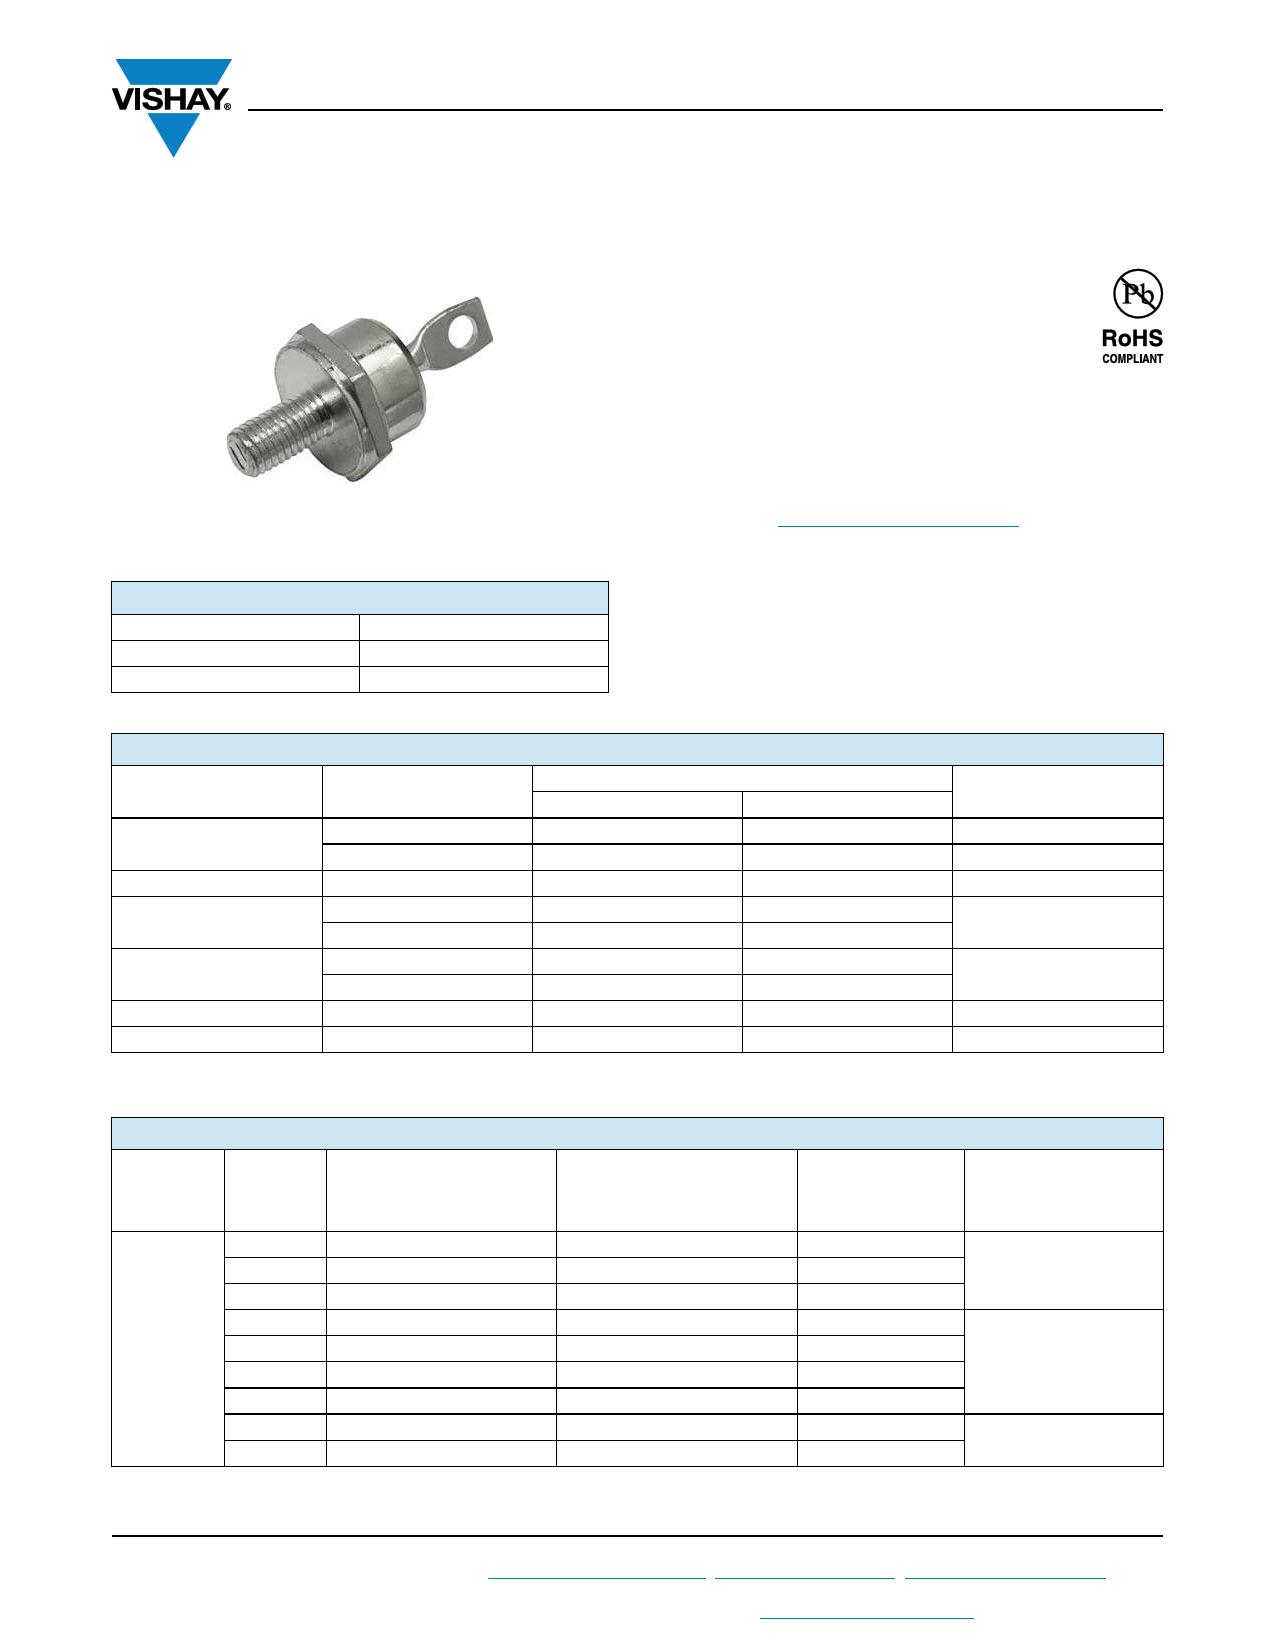 VS-71HFR120 Datasheet, VS-71HFR120 PDF,ピン配置, 機能